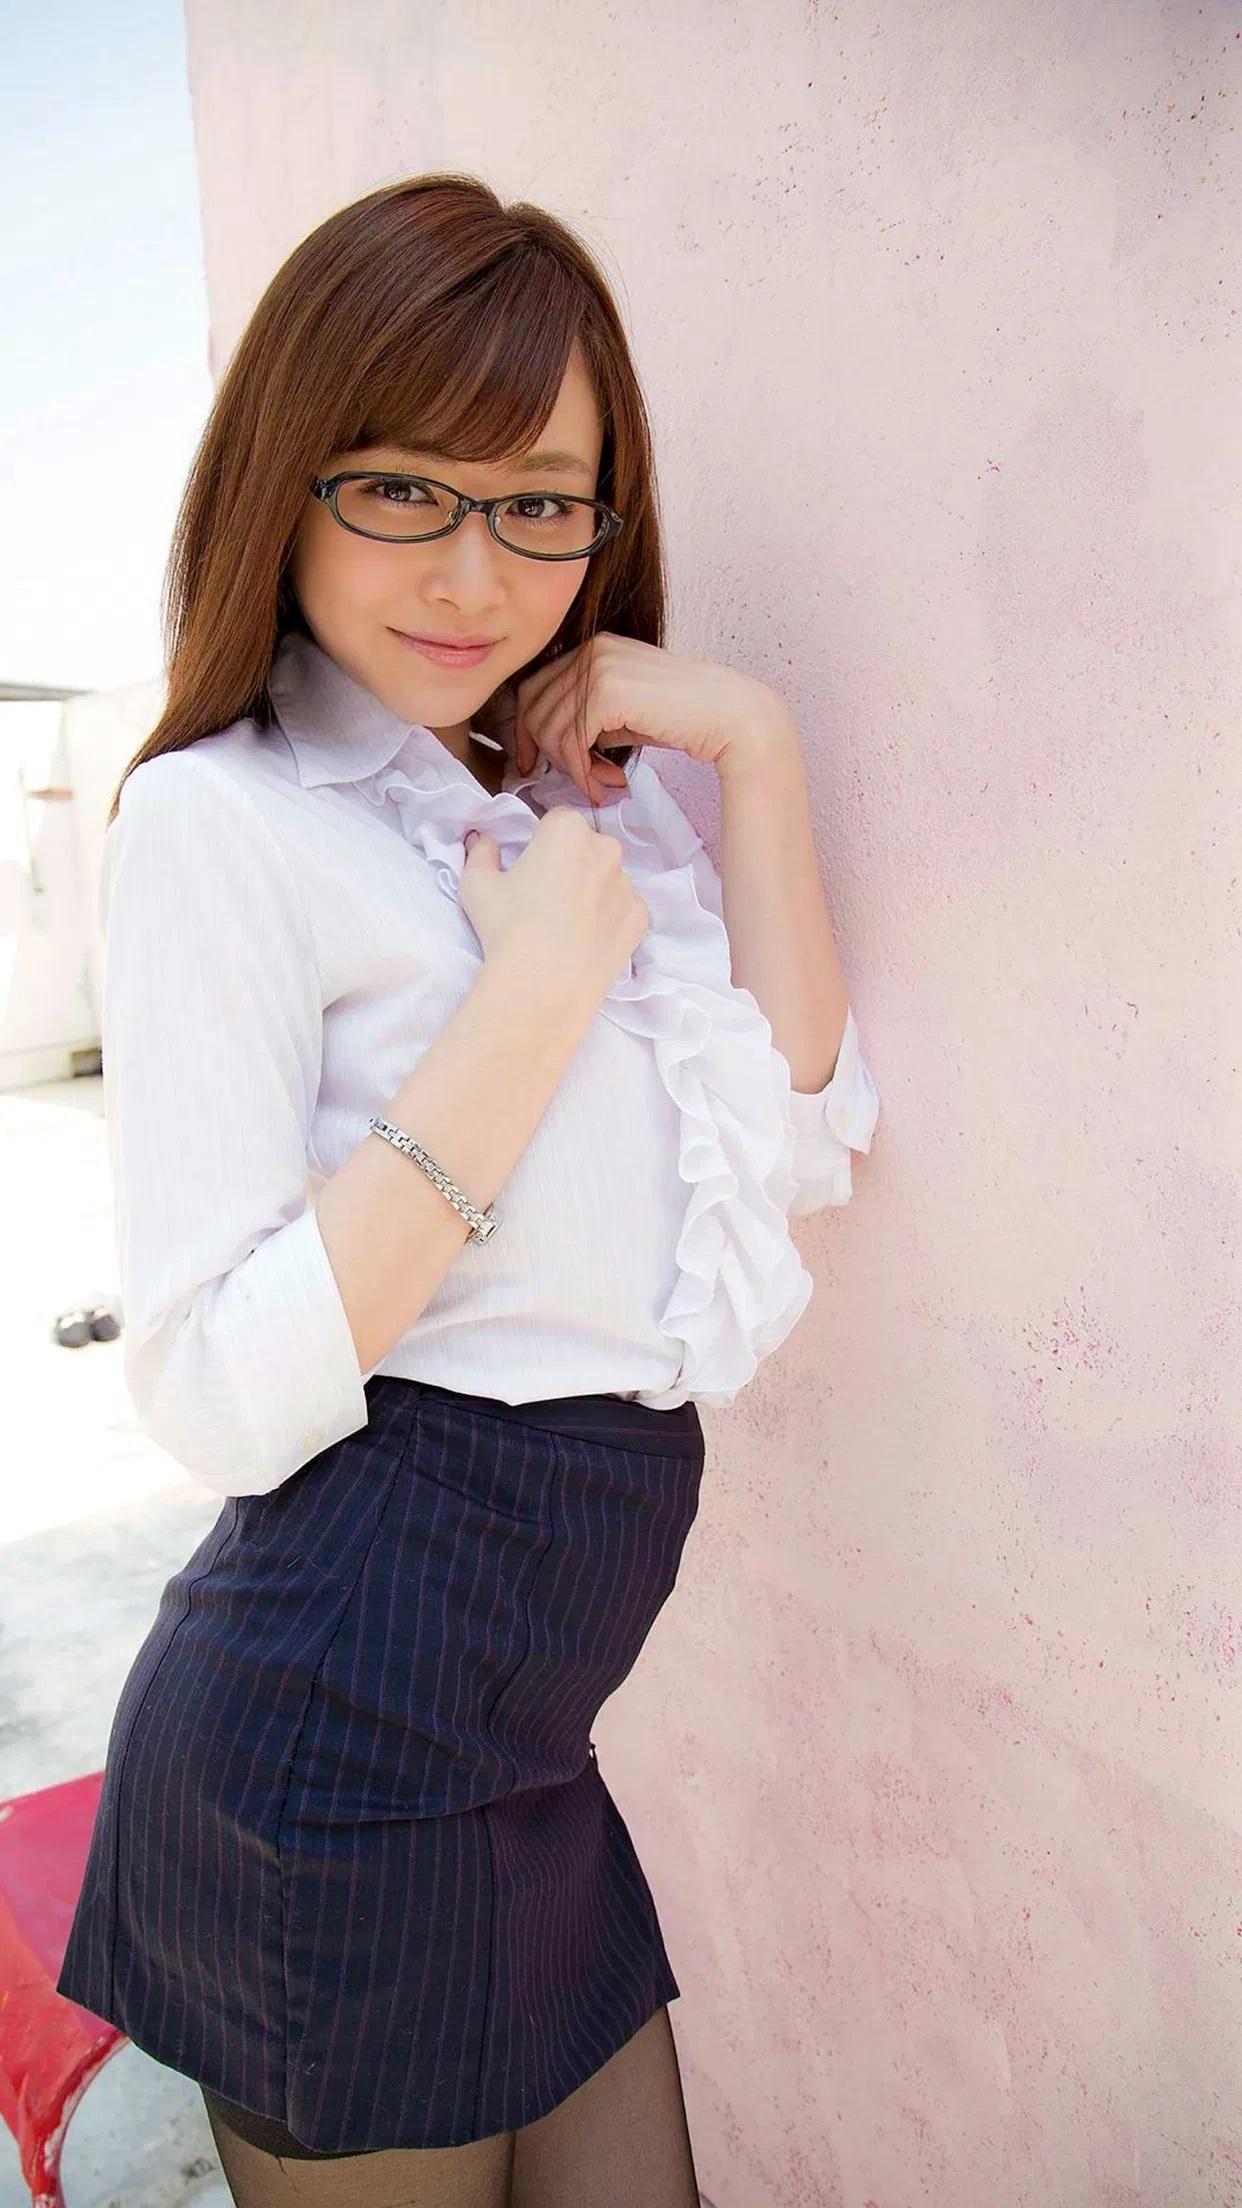 sugihara_anri292.jpg